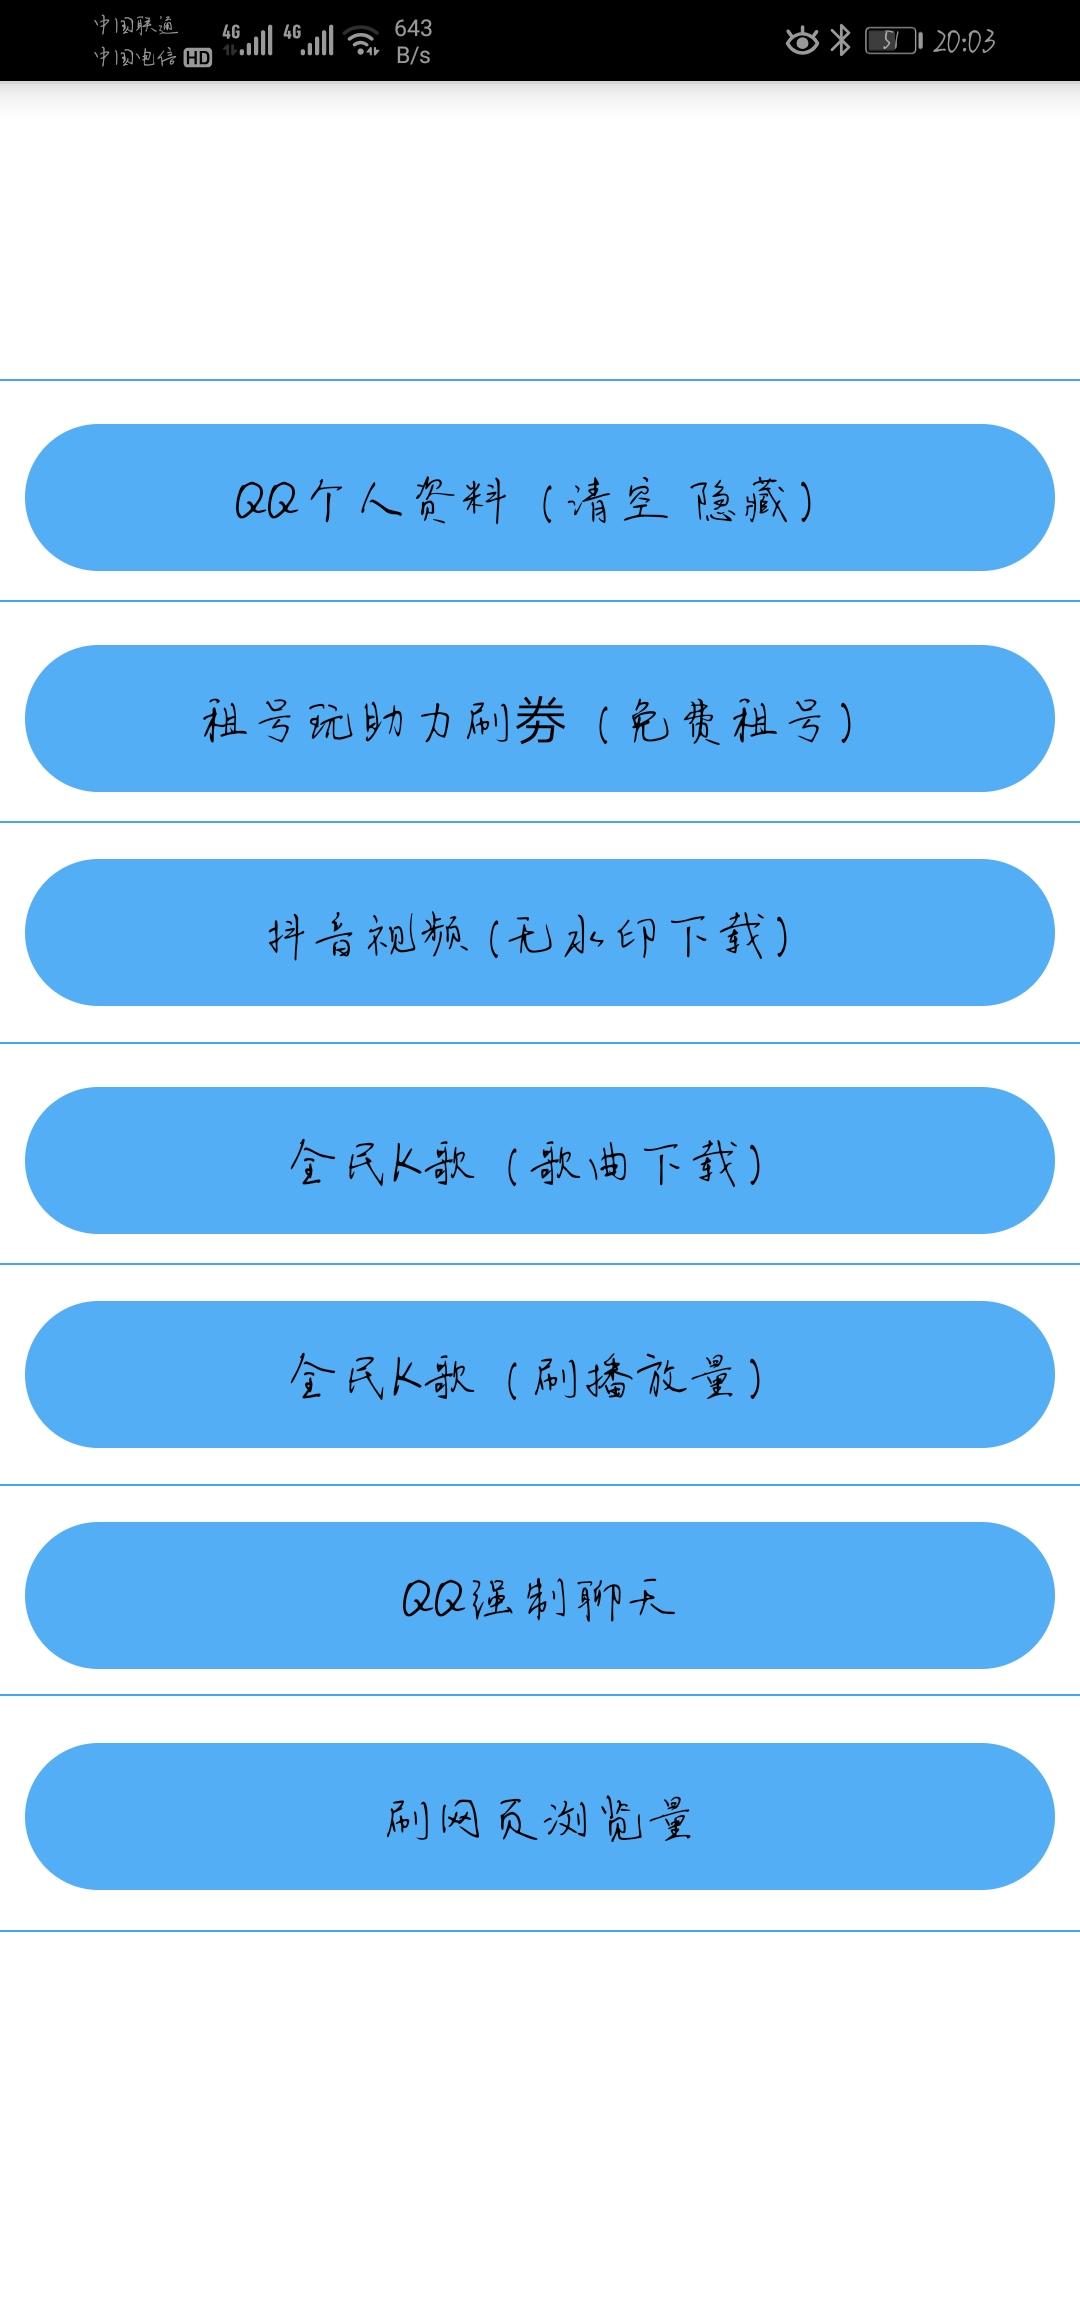 QQ小工具箱-万福,QQ小工具箱-万福  QQ 软件 撩妹 工具 第2张,QQ,软件,虚拟主机,工具,第2张